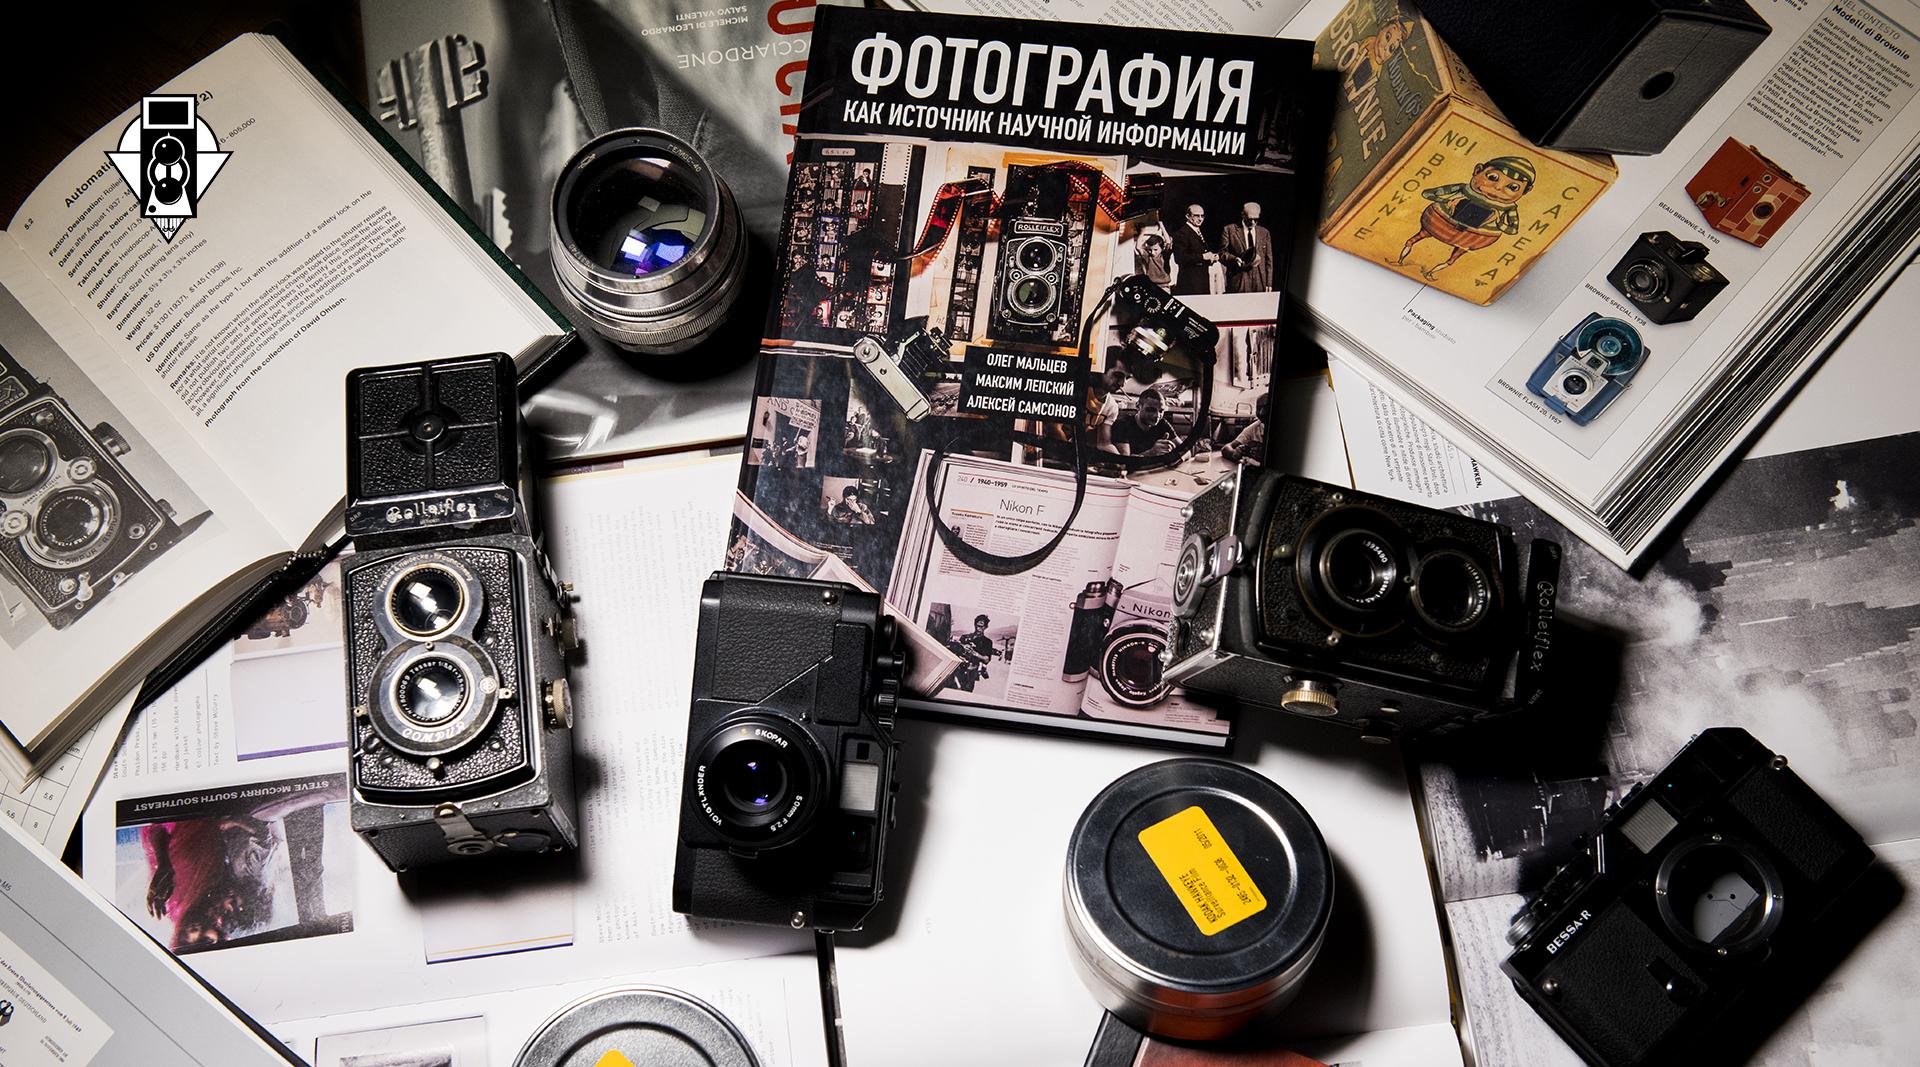 Доклад о фотографии, спектре взгляда человека и психологических блокираторах